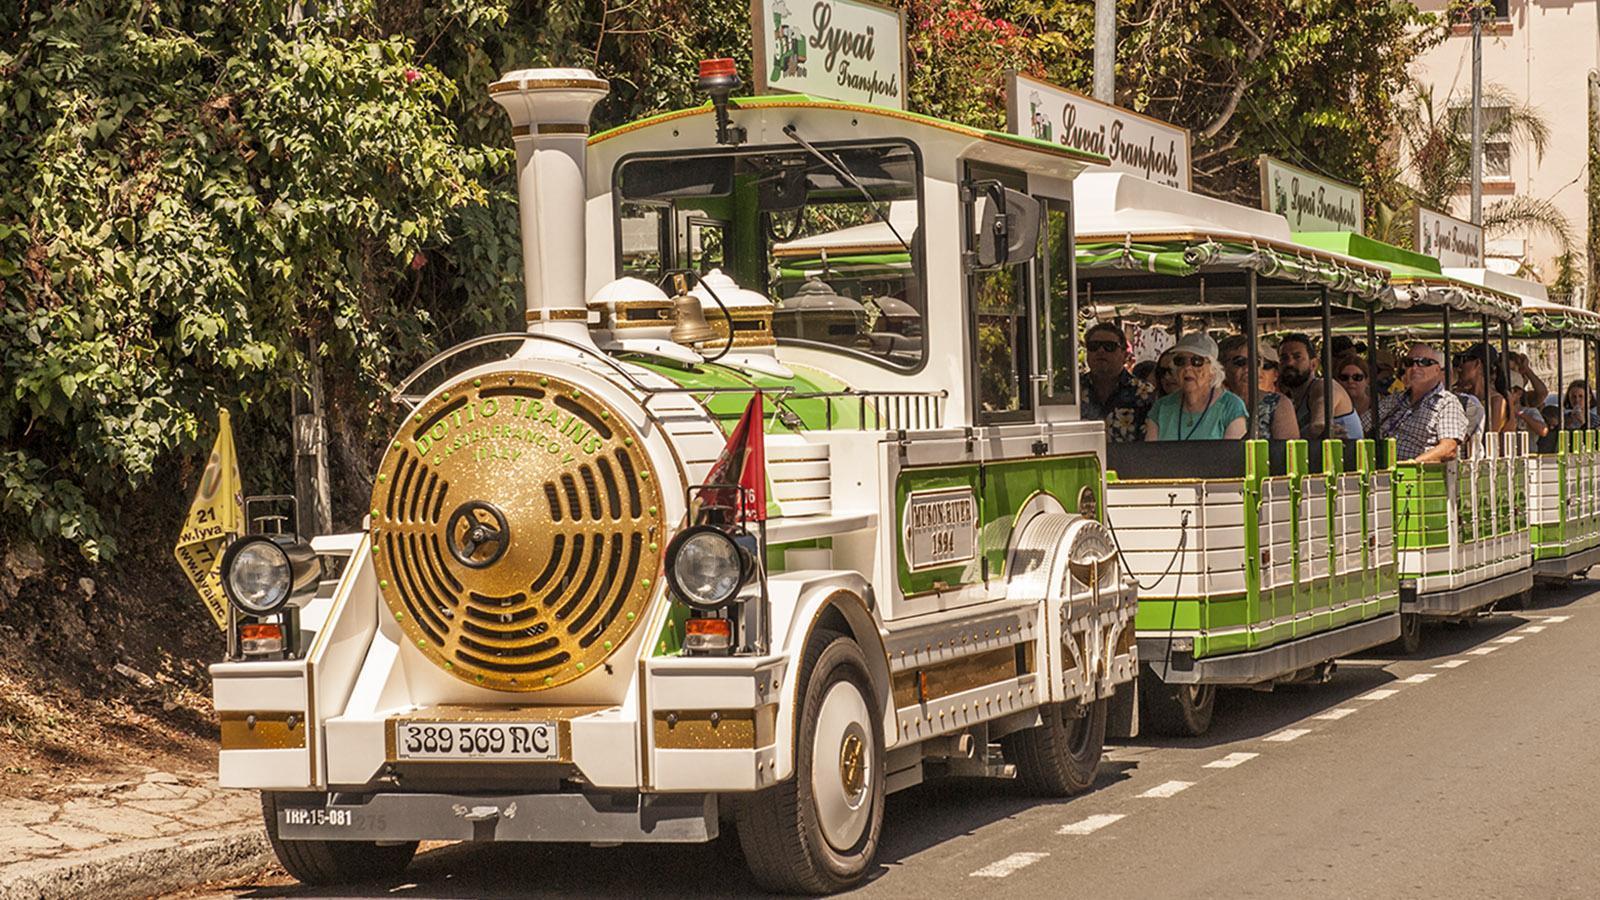 Le Petit Train rollt auch in Nouméa. Foto: Hilke Maunder